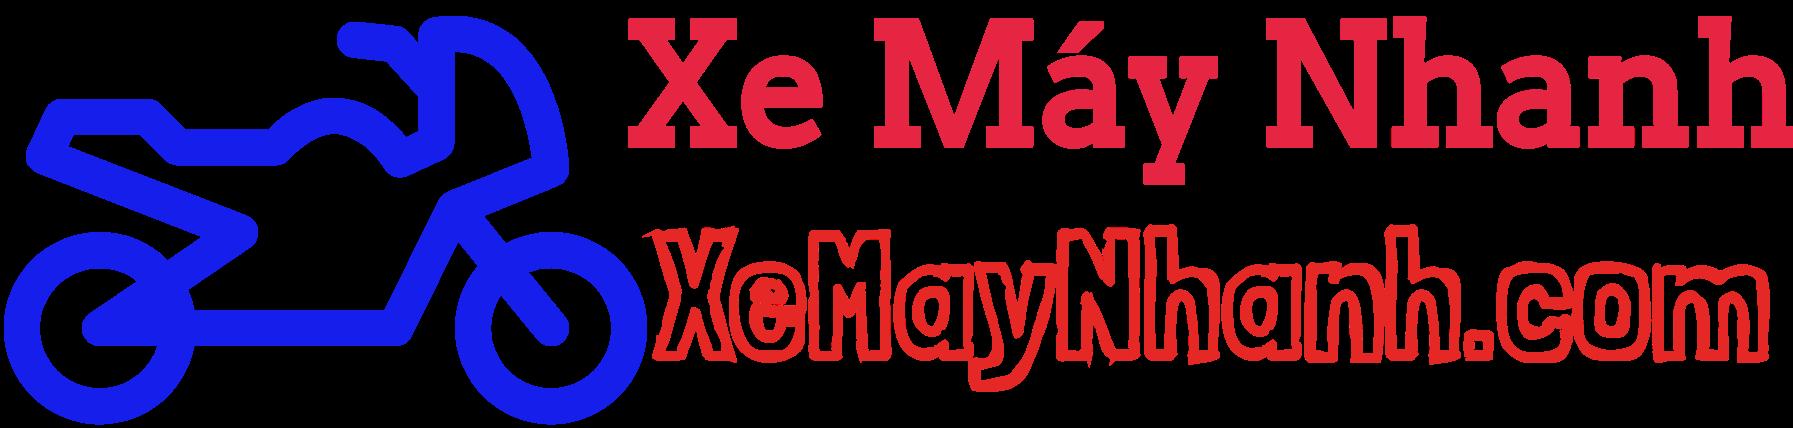 Những lỗi hay gặp trên xe máy tay ga Honda Vision khi vận hành, 491, Uyên Vũ, Chuyên trang Xe Máy của MuaBanNhanh, 25/10/2016 09:28:14